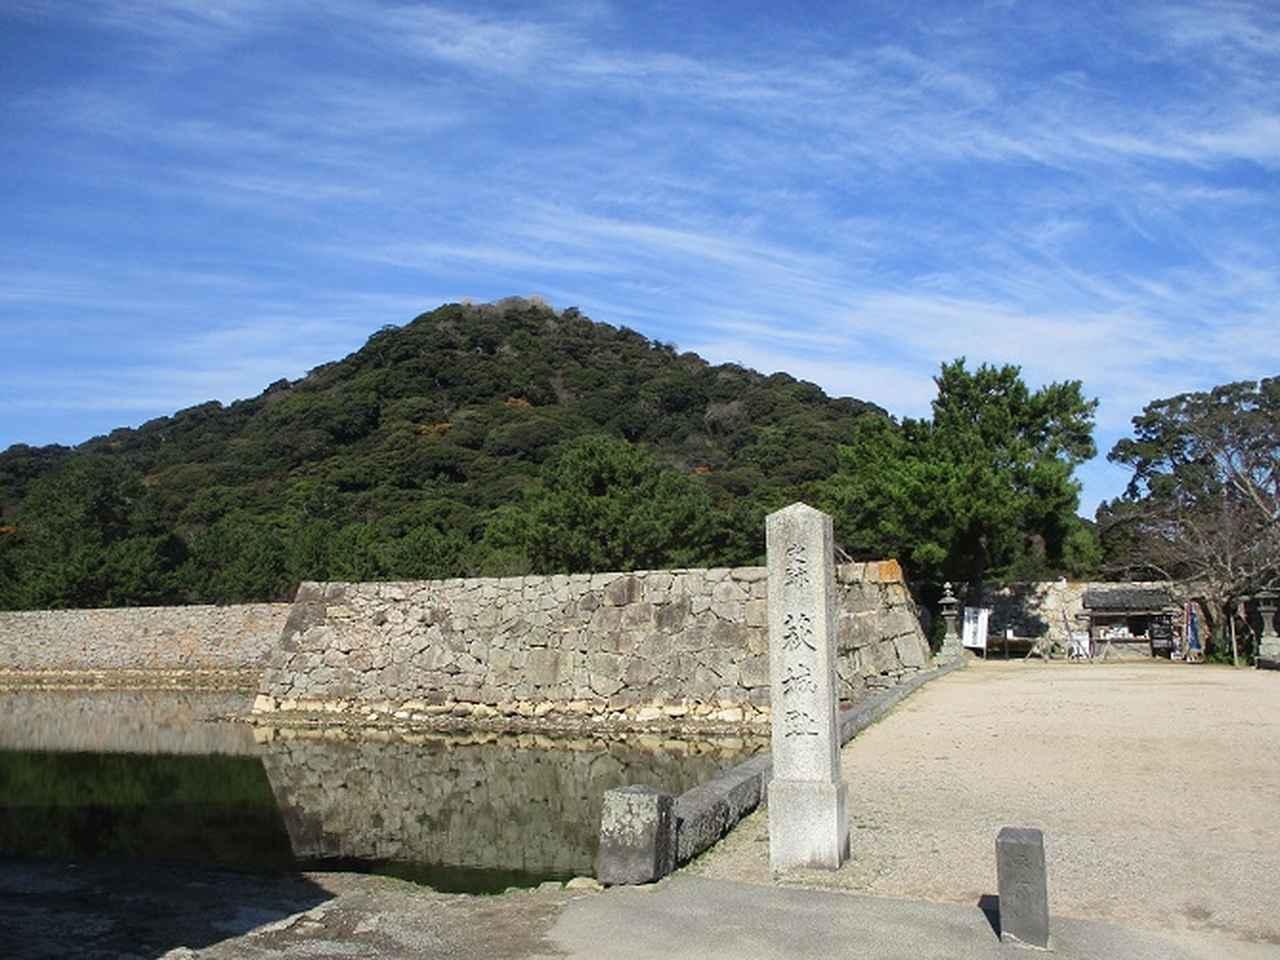 画像12: 1月の山旅会 「宮島弥山・秋吉台龍護峰・萩笠山」 の下見にいってまいりました!